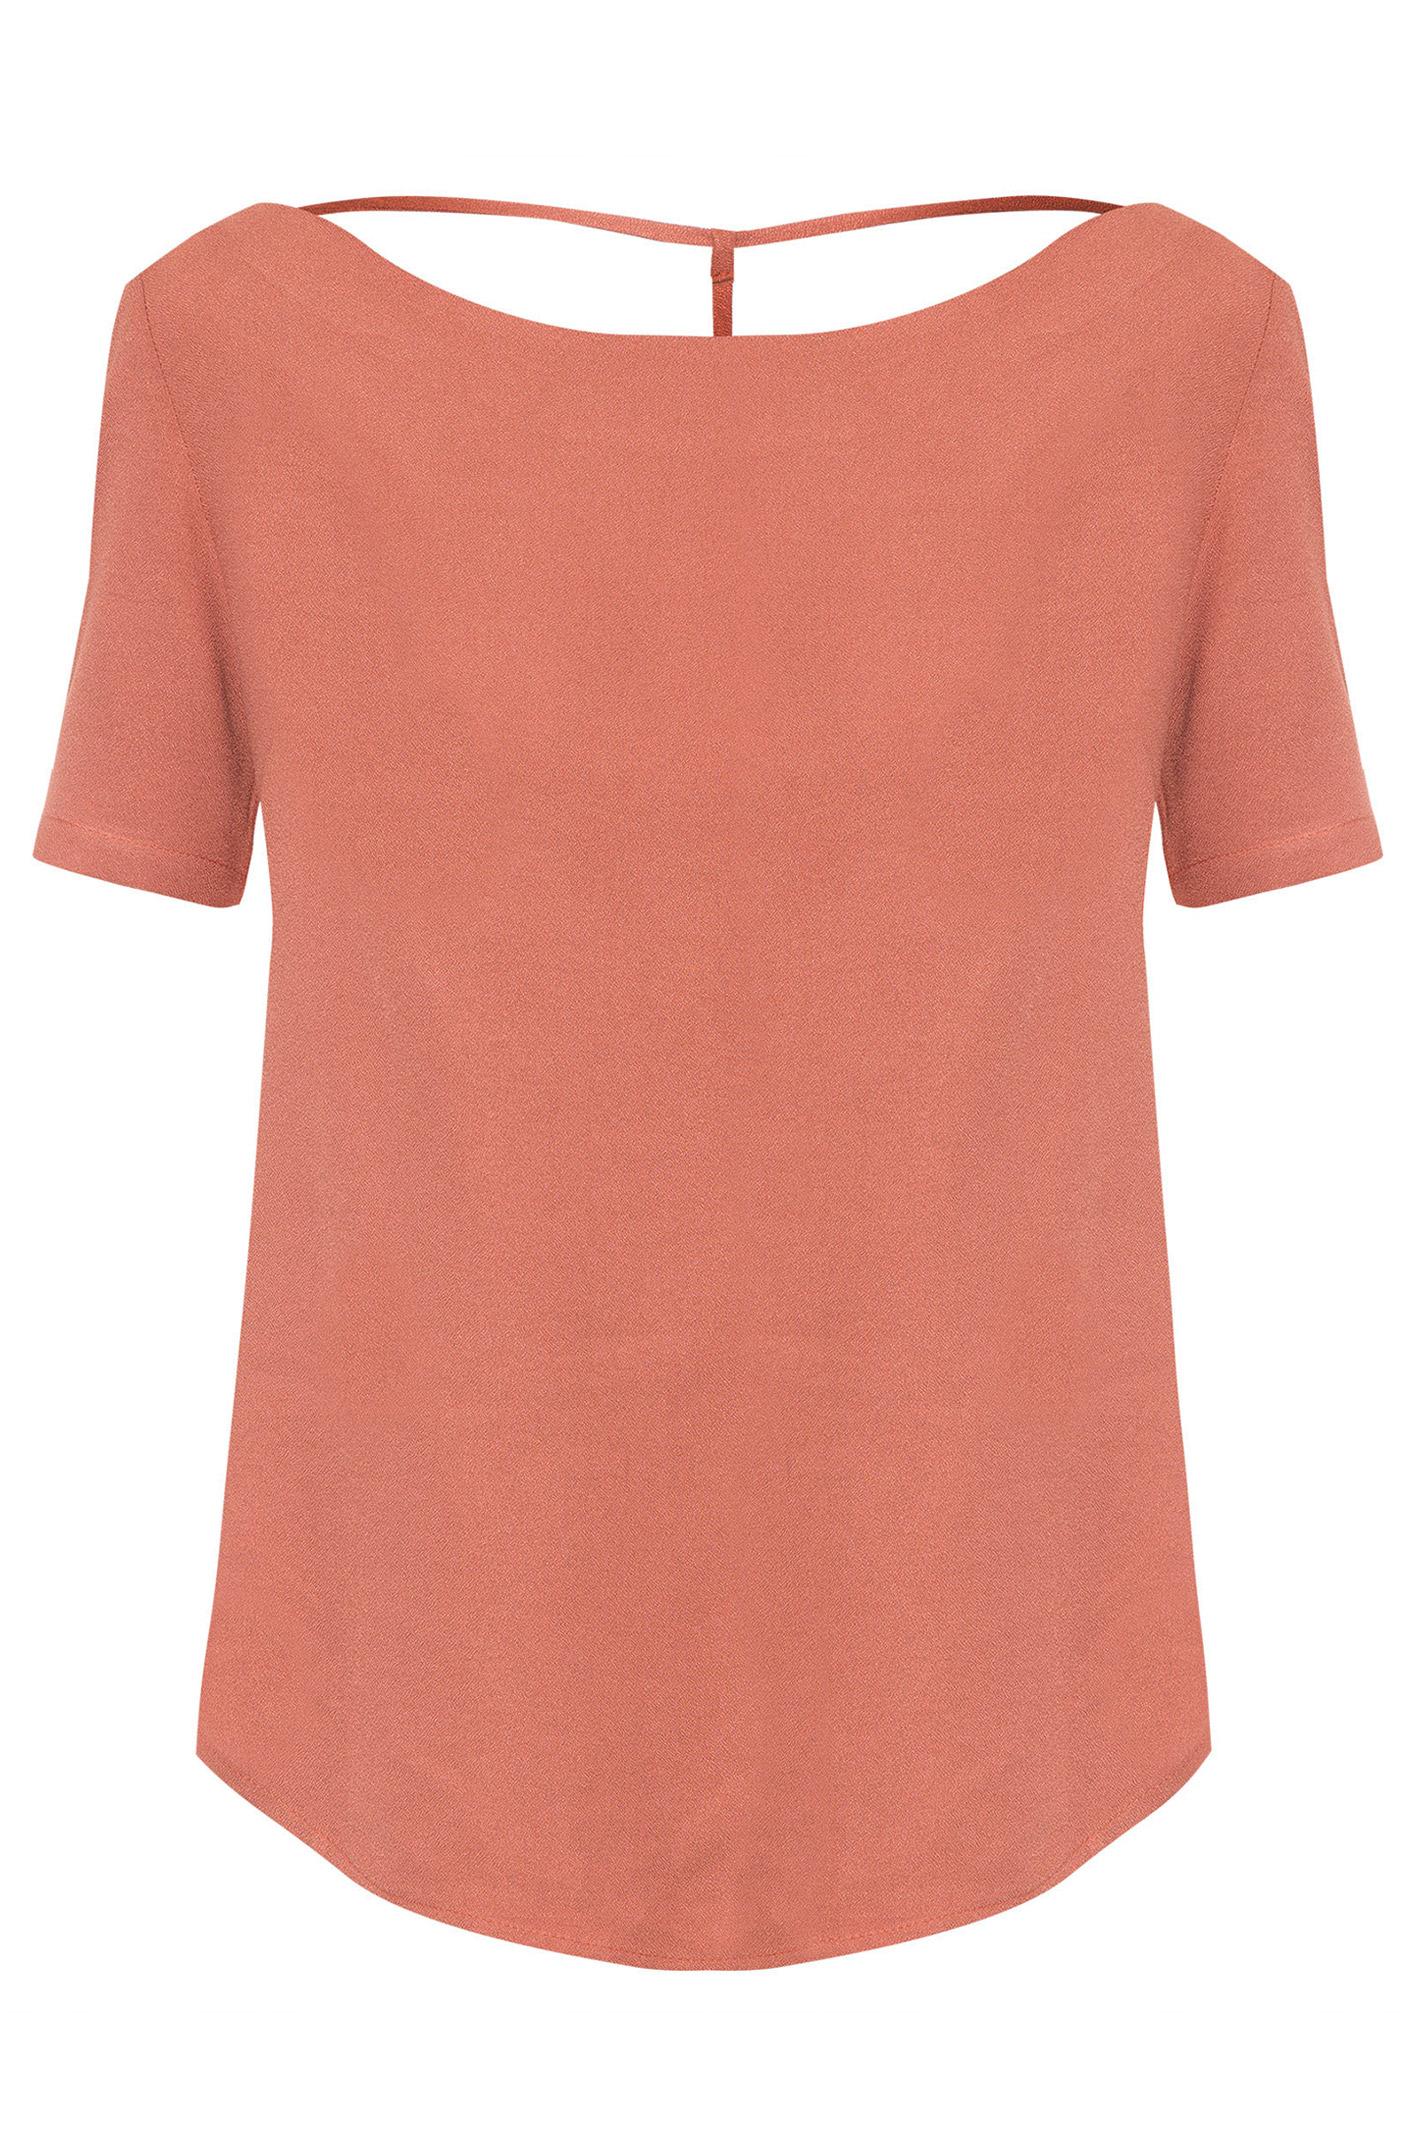 T-Shirt Decote V Costas